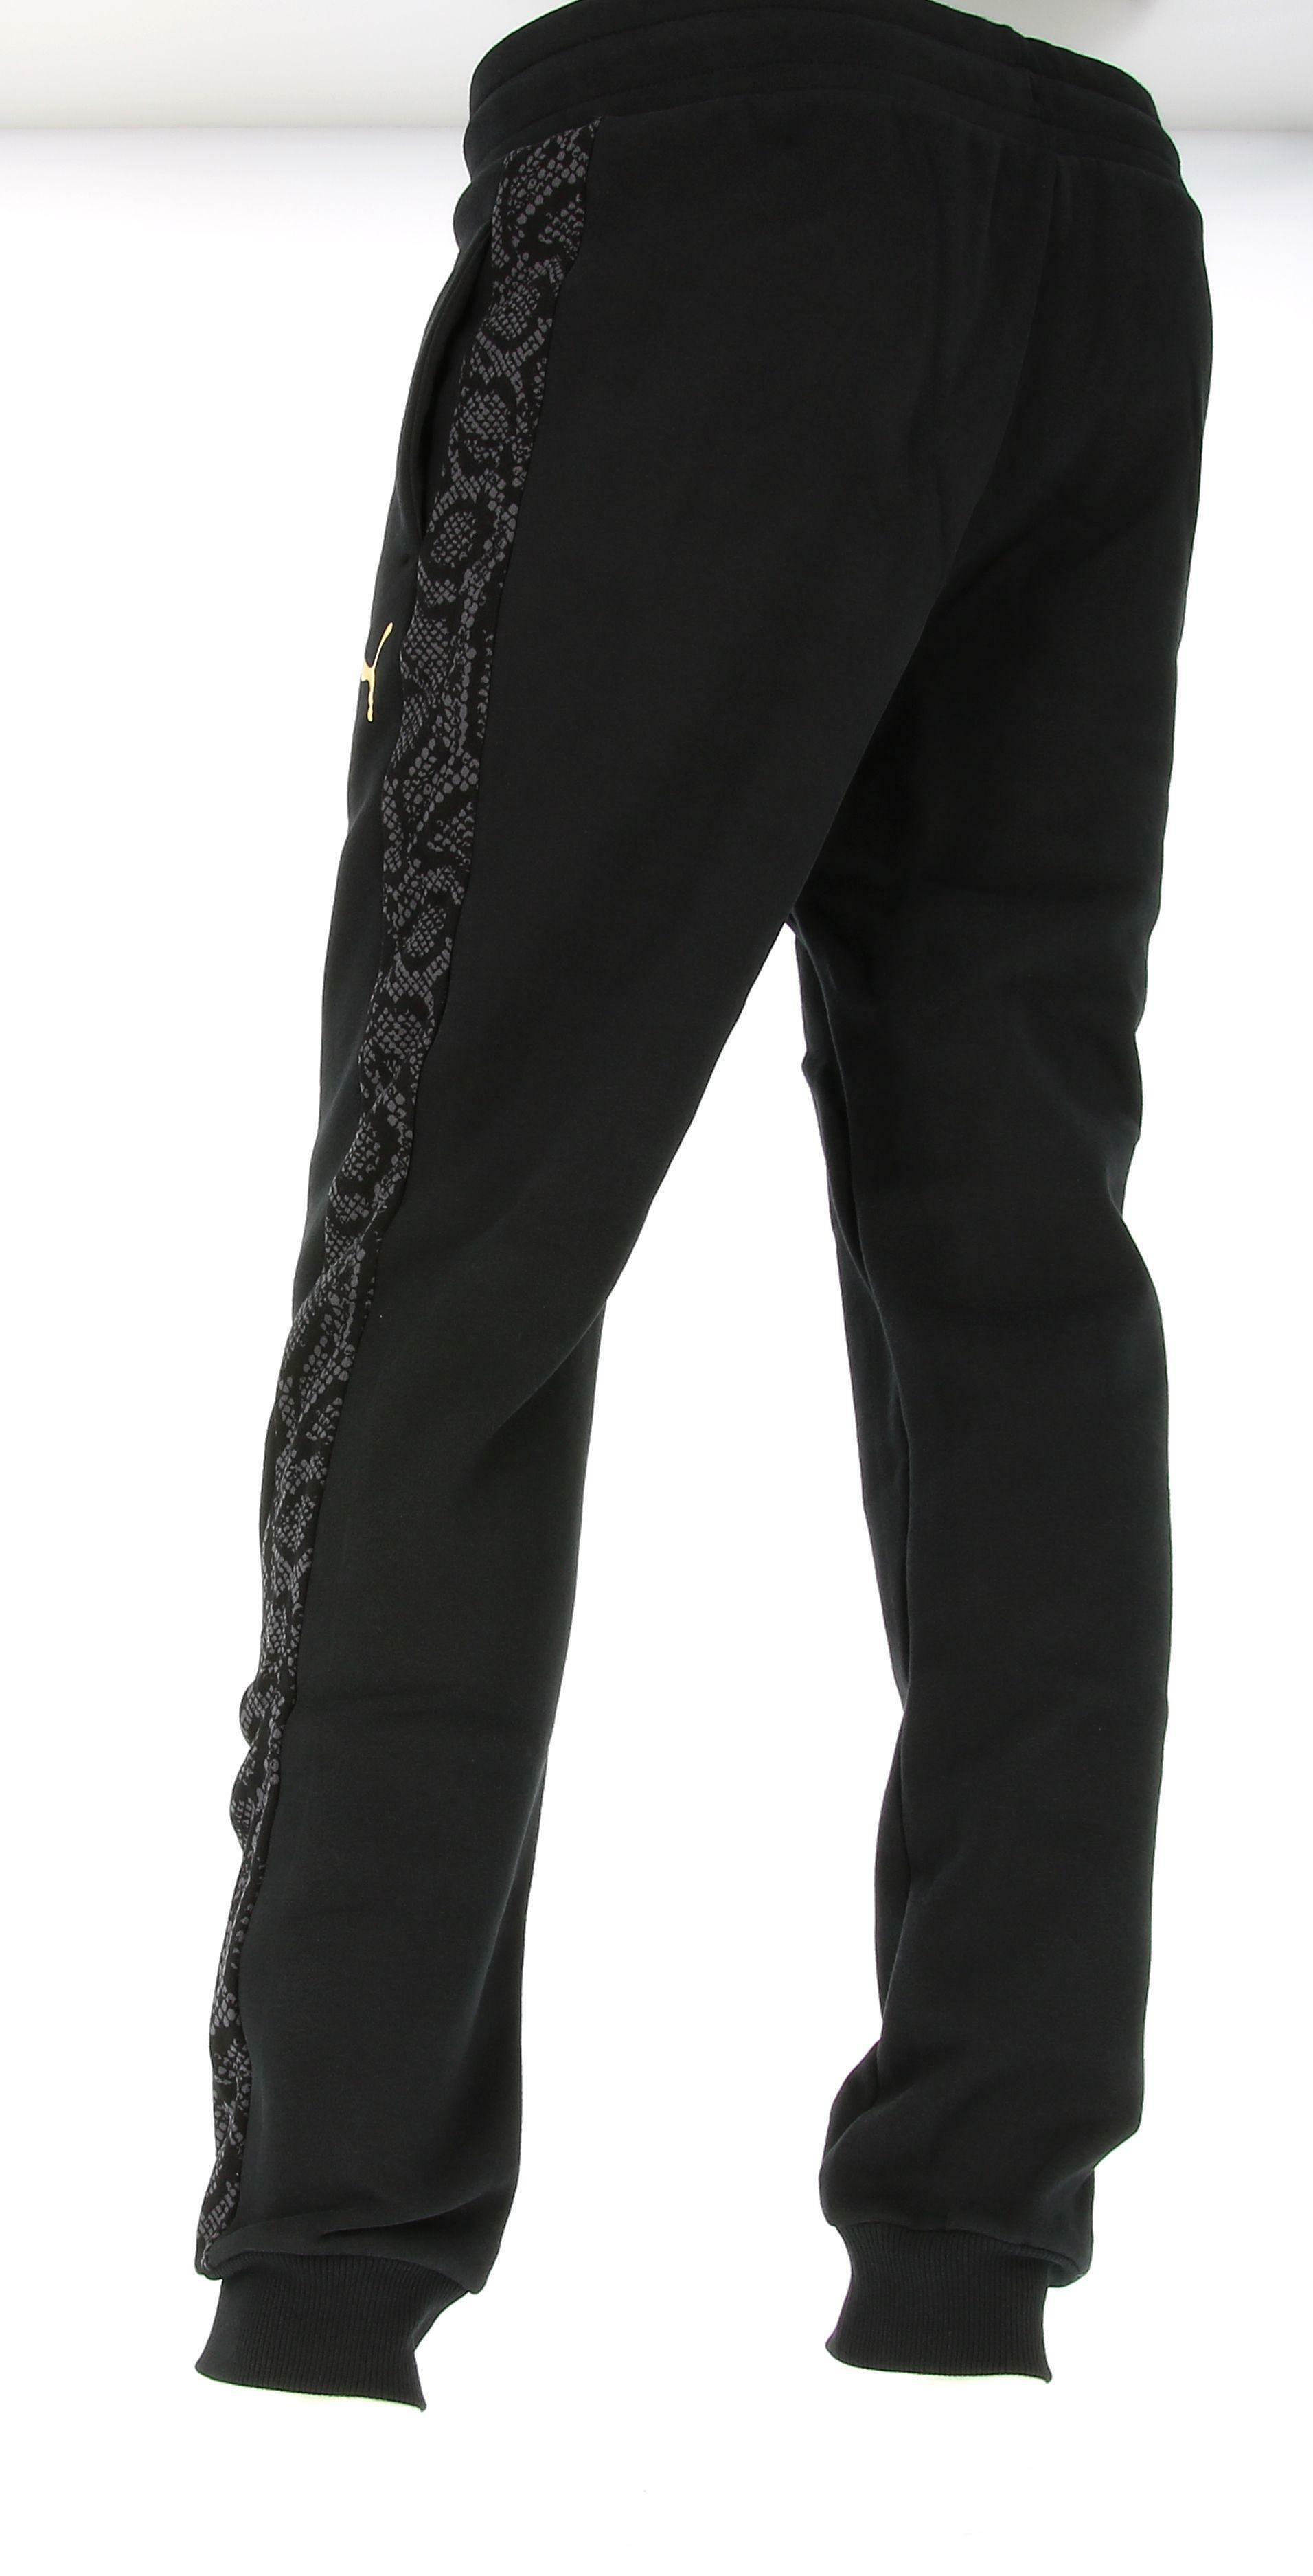 puma puma legging black oro 583616 051